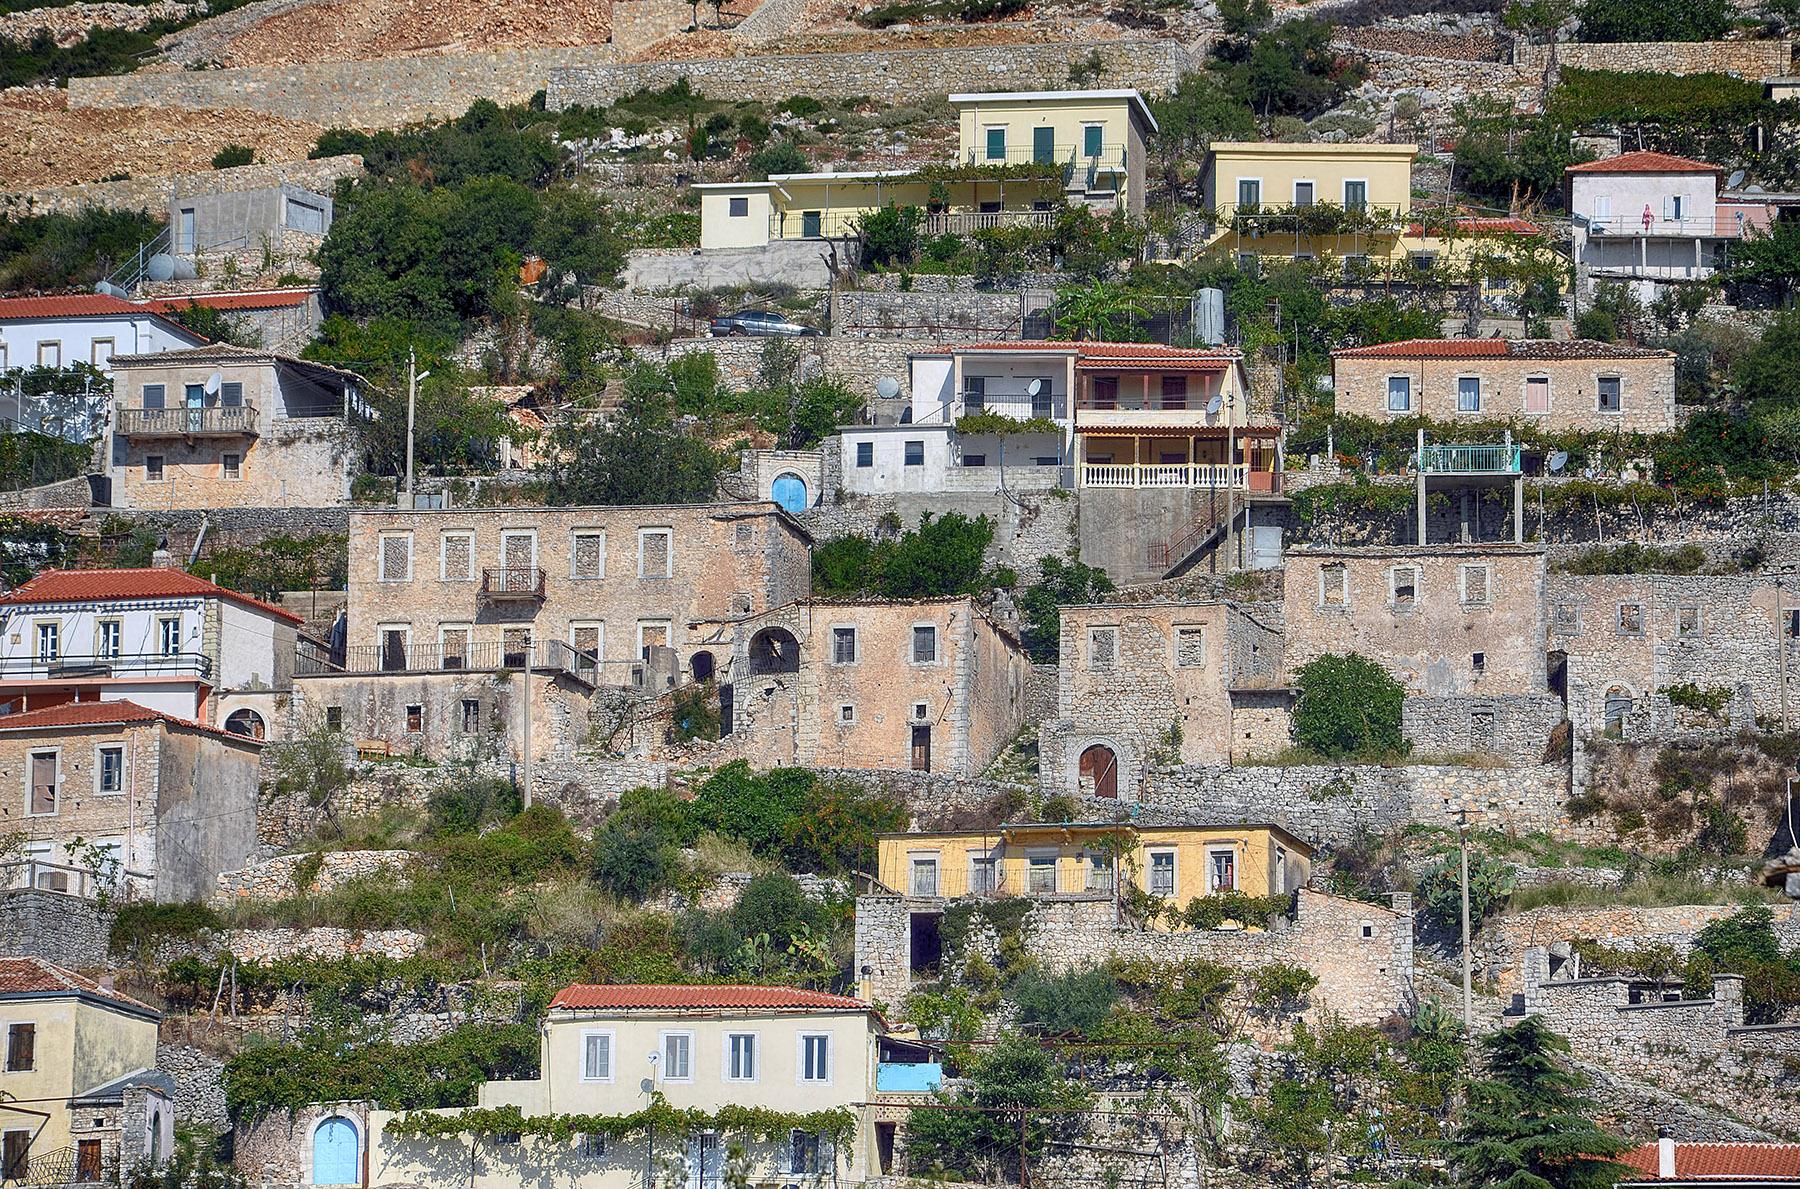 vuno - כפר אלבני אותנטי במיוחד